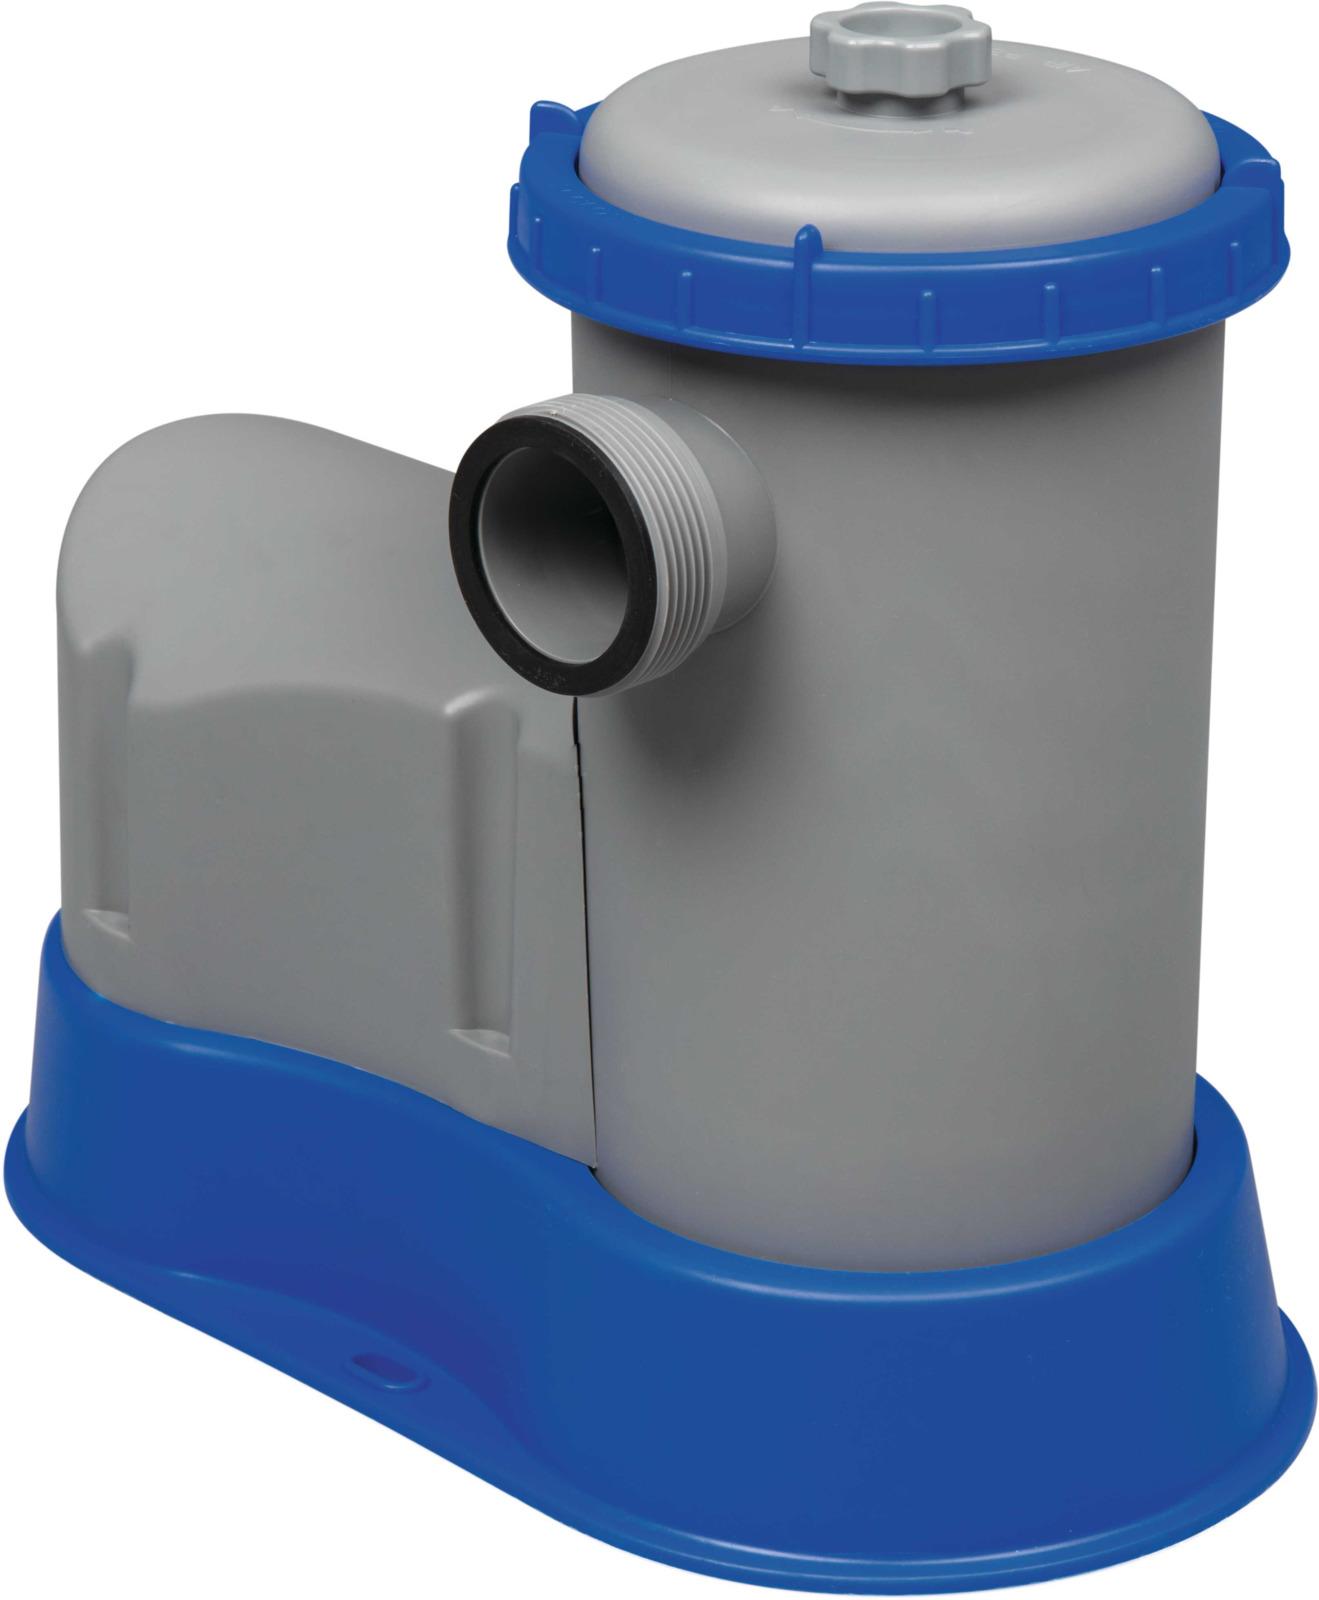 Фильтр-насос Bestway, 5678 л/час фильтр насос bestway 58400 песочный 3785 л ч резервуар для песка 18 кг